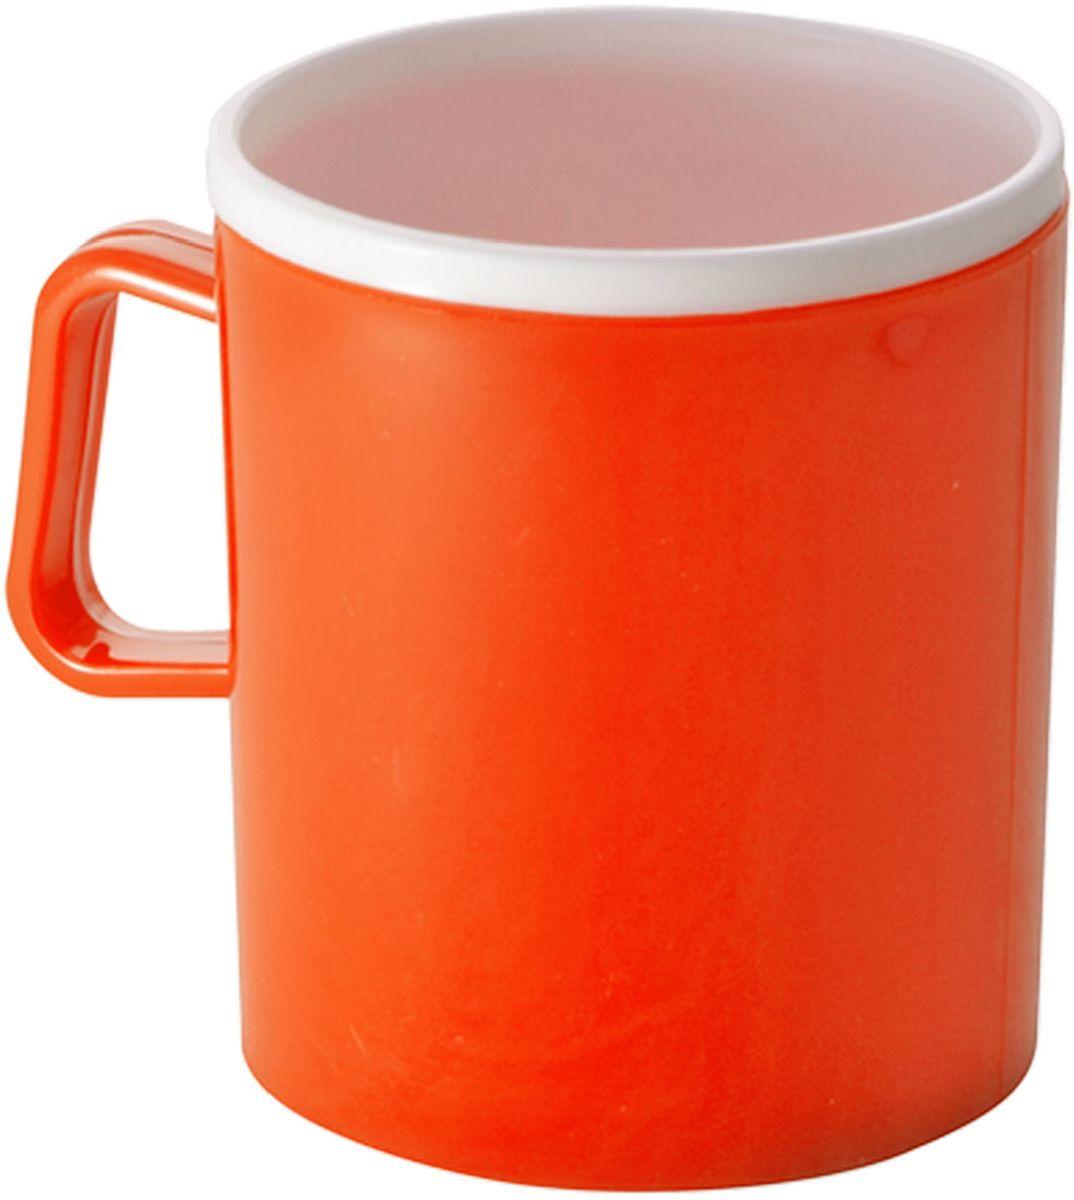 Термокружка Plastic Centre, двойная, цвет: оранжевый, 0,35 лПЦ1120МНДТермокружка с двойными стенками предназначена для горячих напитков и прекрасно сохраняет их температуру. Прочный пластик подходит для многократного использования. Легкую кружку удобно взять с собой на природу или в поездку. Объем 0,35 л.